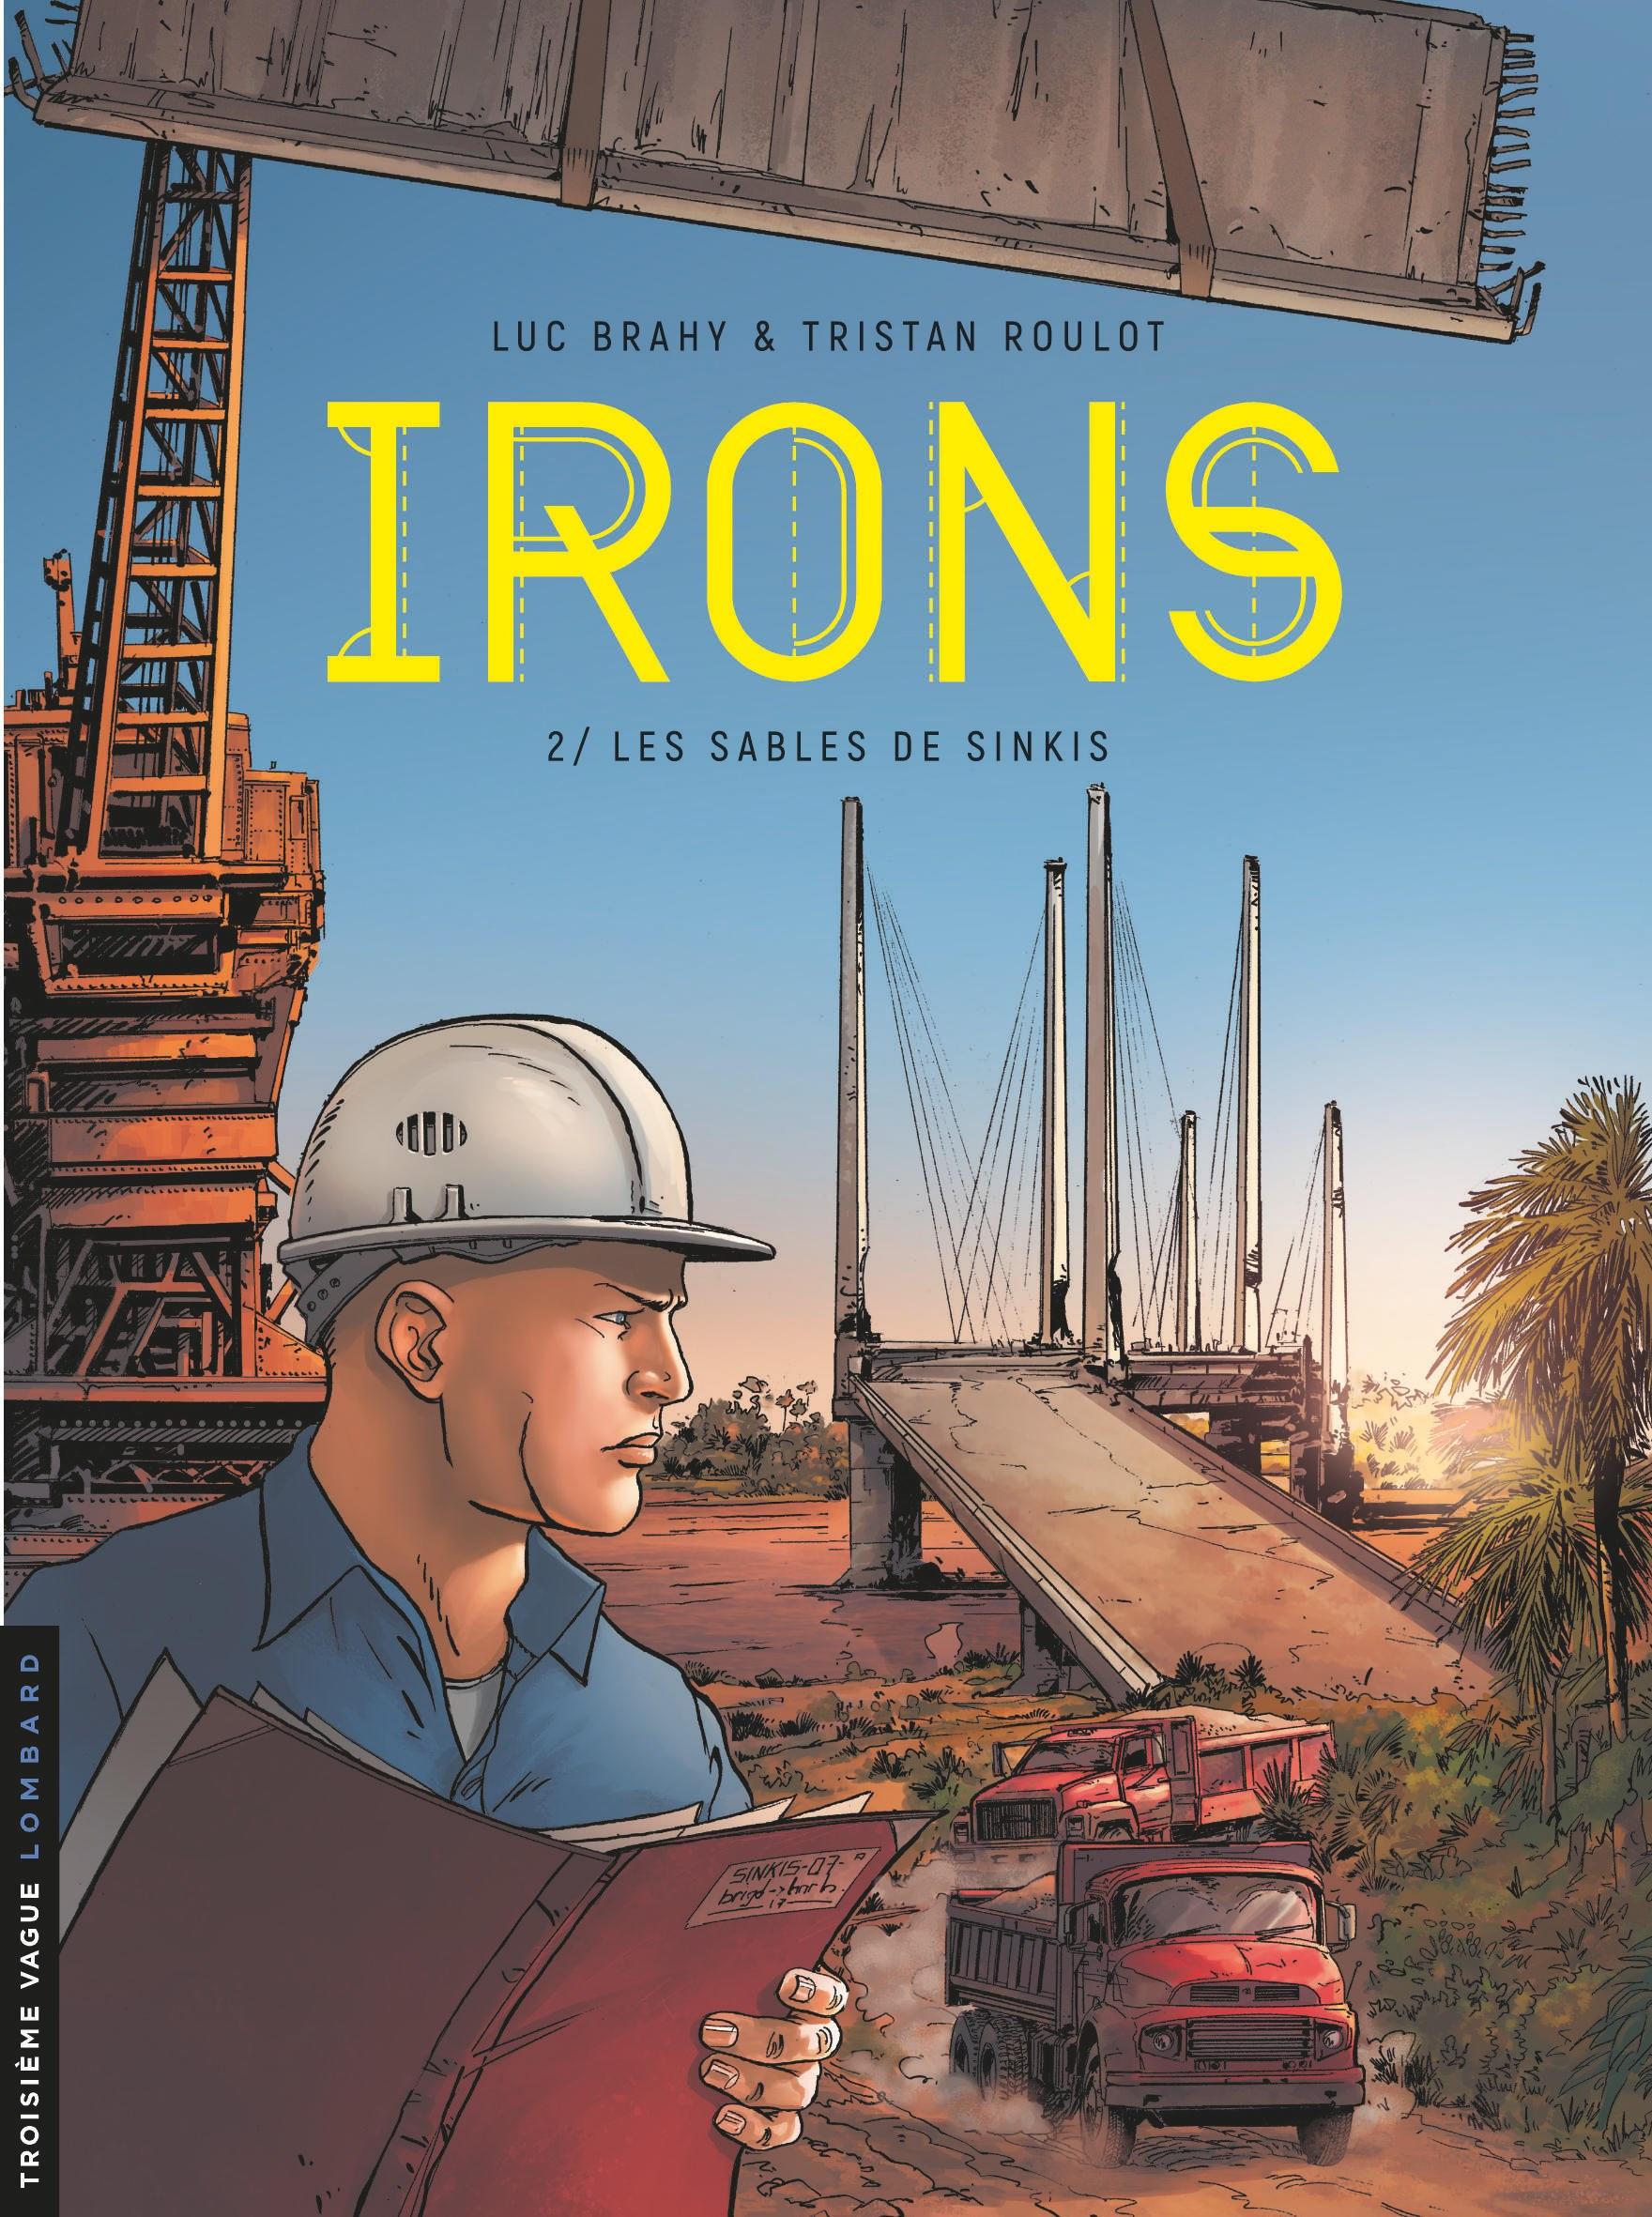 « Ce chantier est une zone de guerre, vous le comprendrez vite, Irons ! »